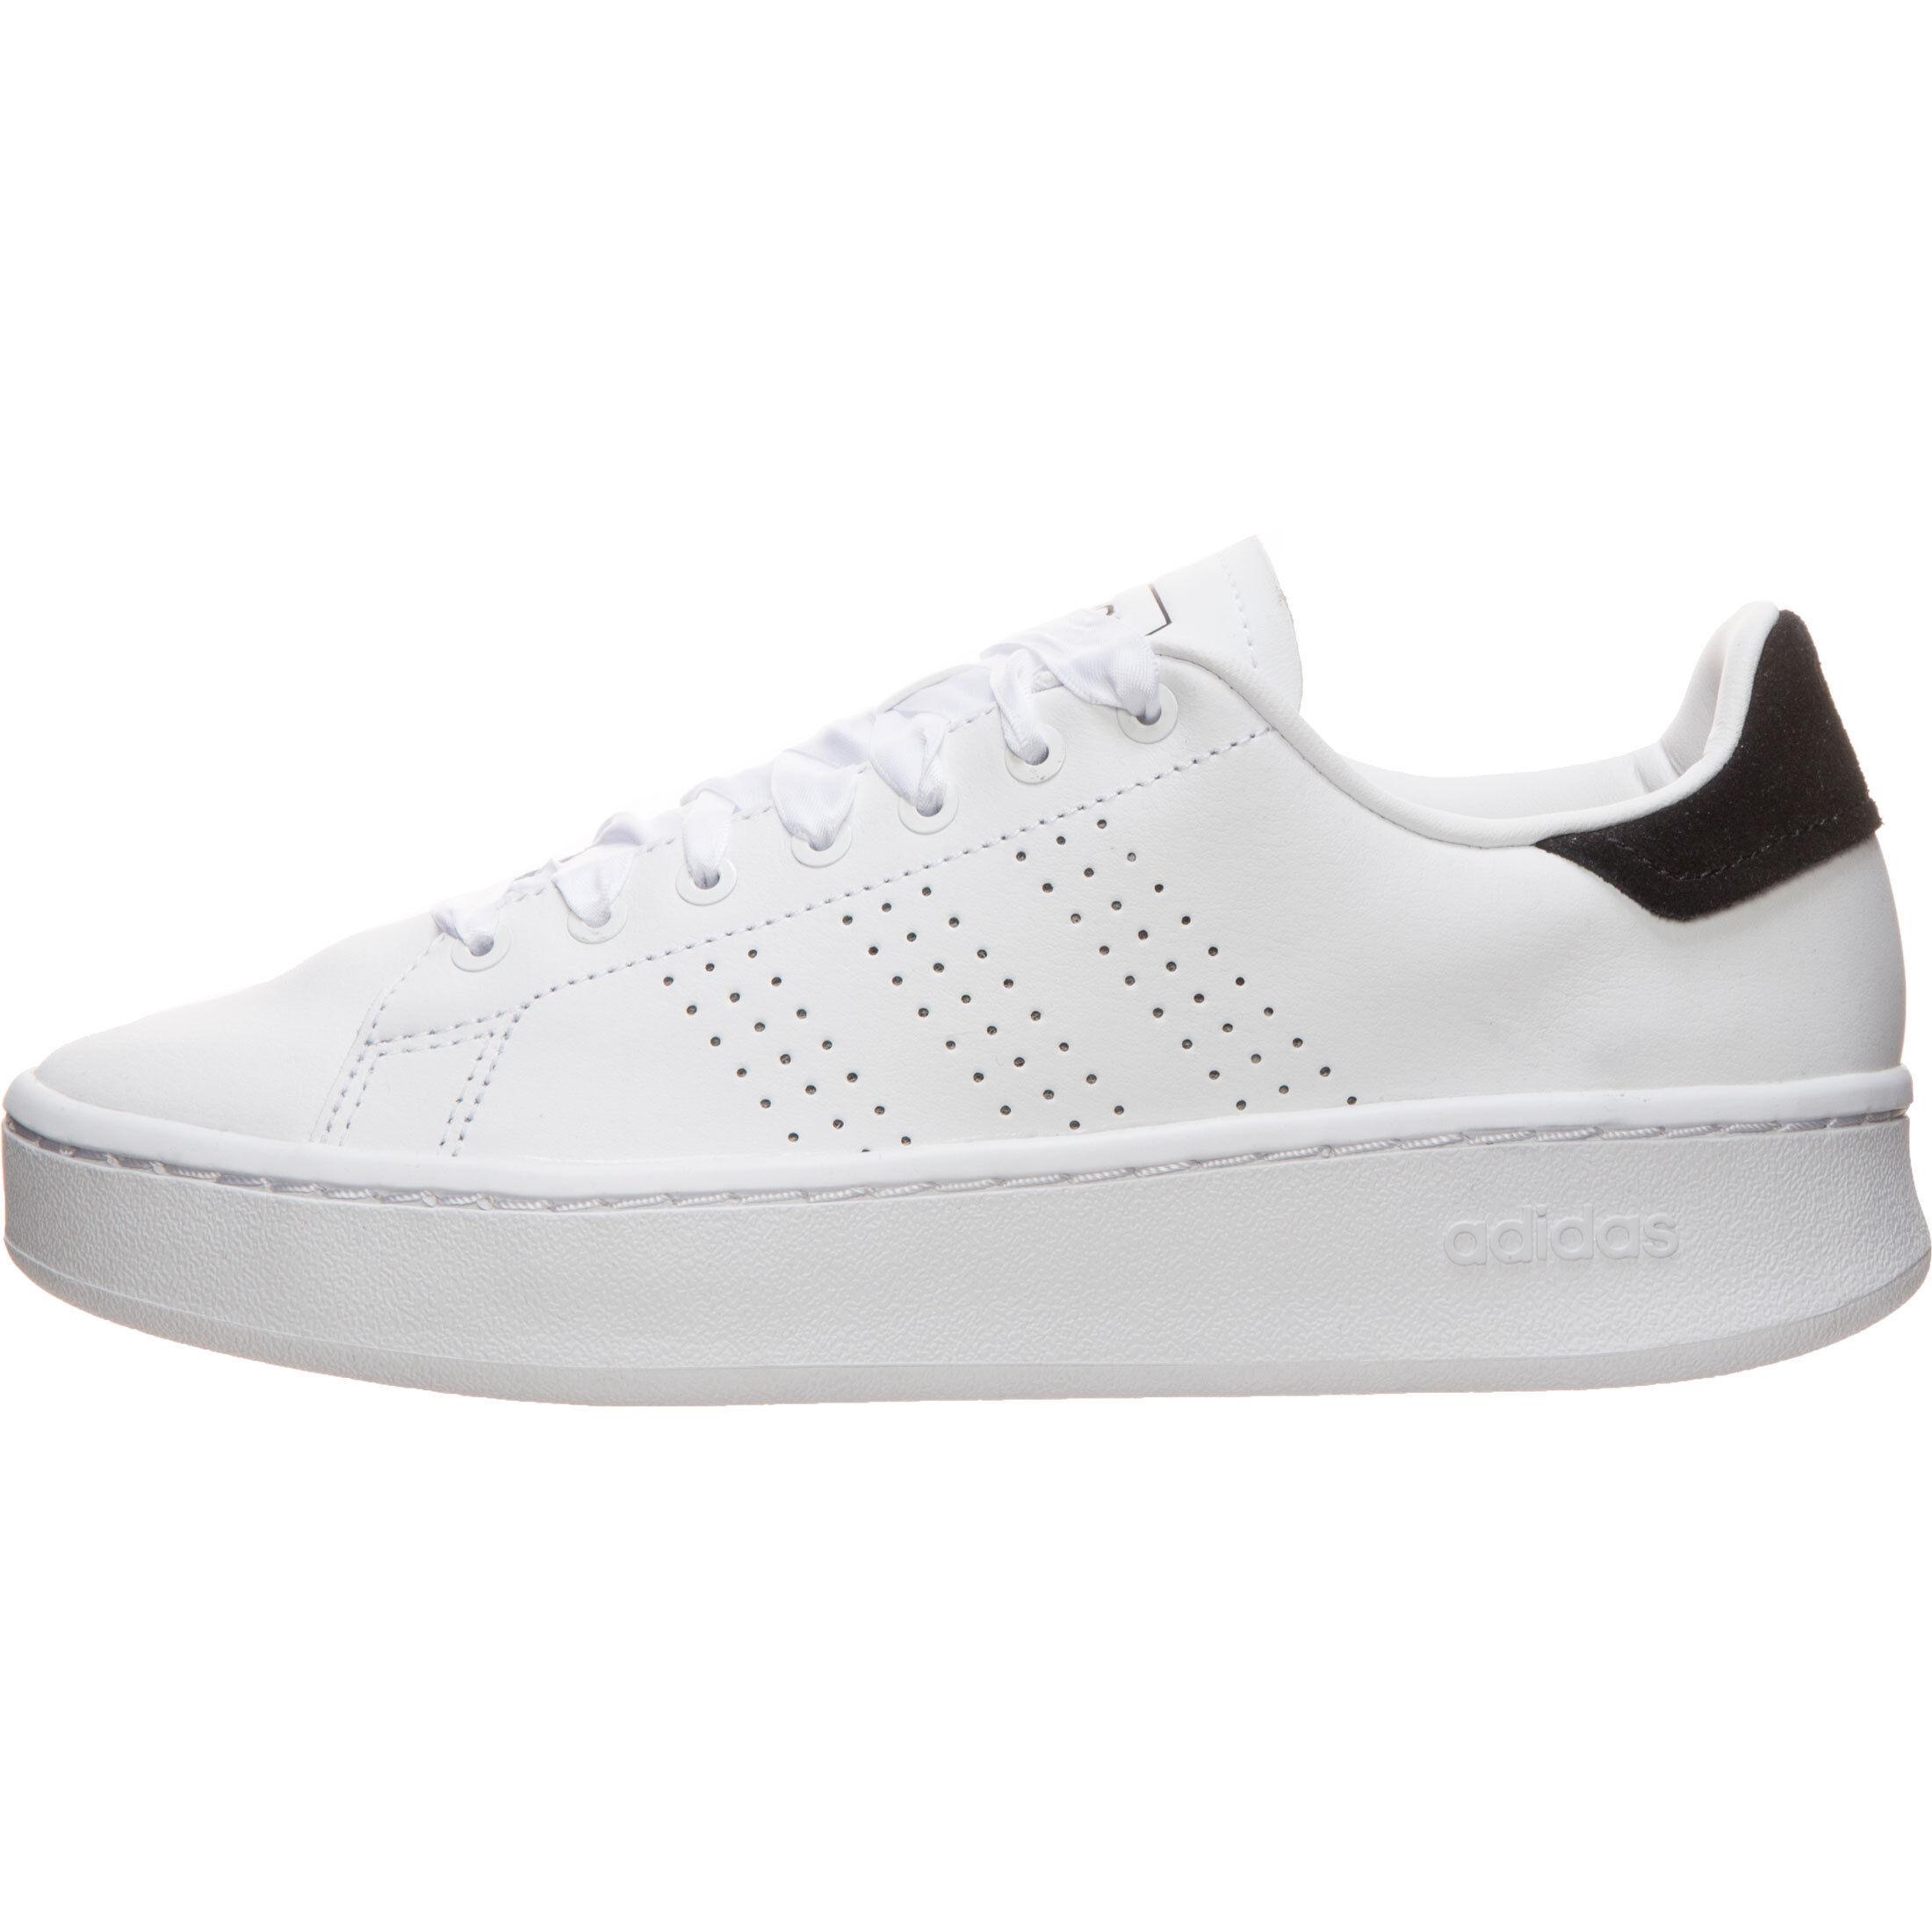 Details zu Schuhe Adidas Superstar mit Glitzer Blau und Silber Glitter Piu' Goldverspiegelt